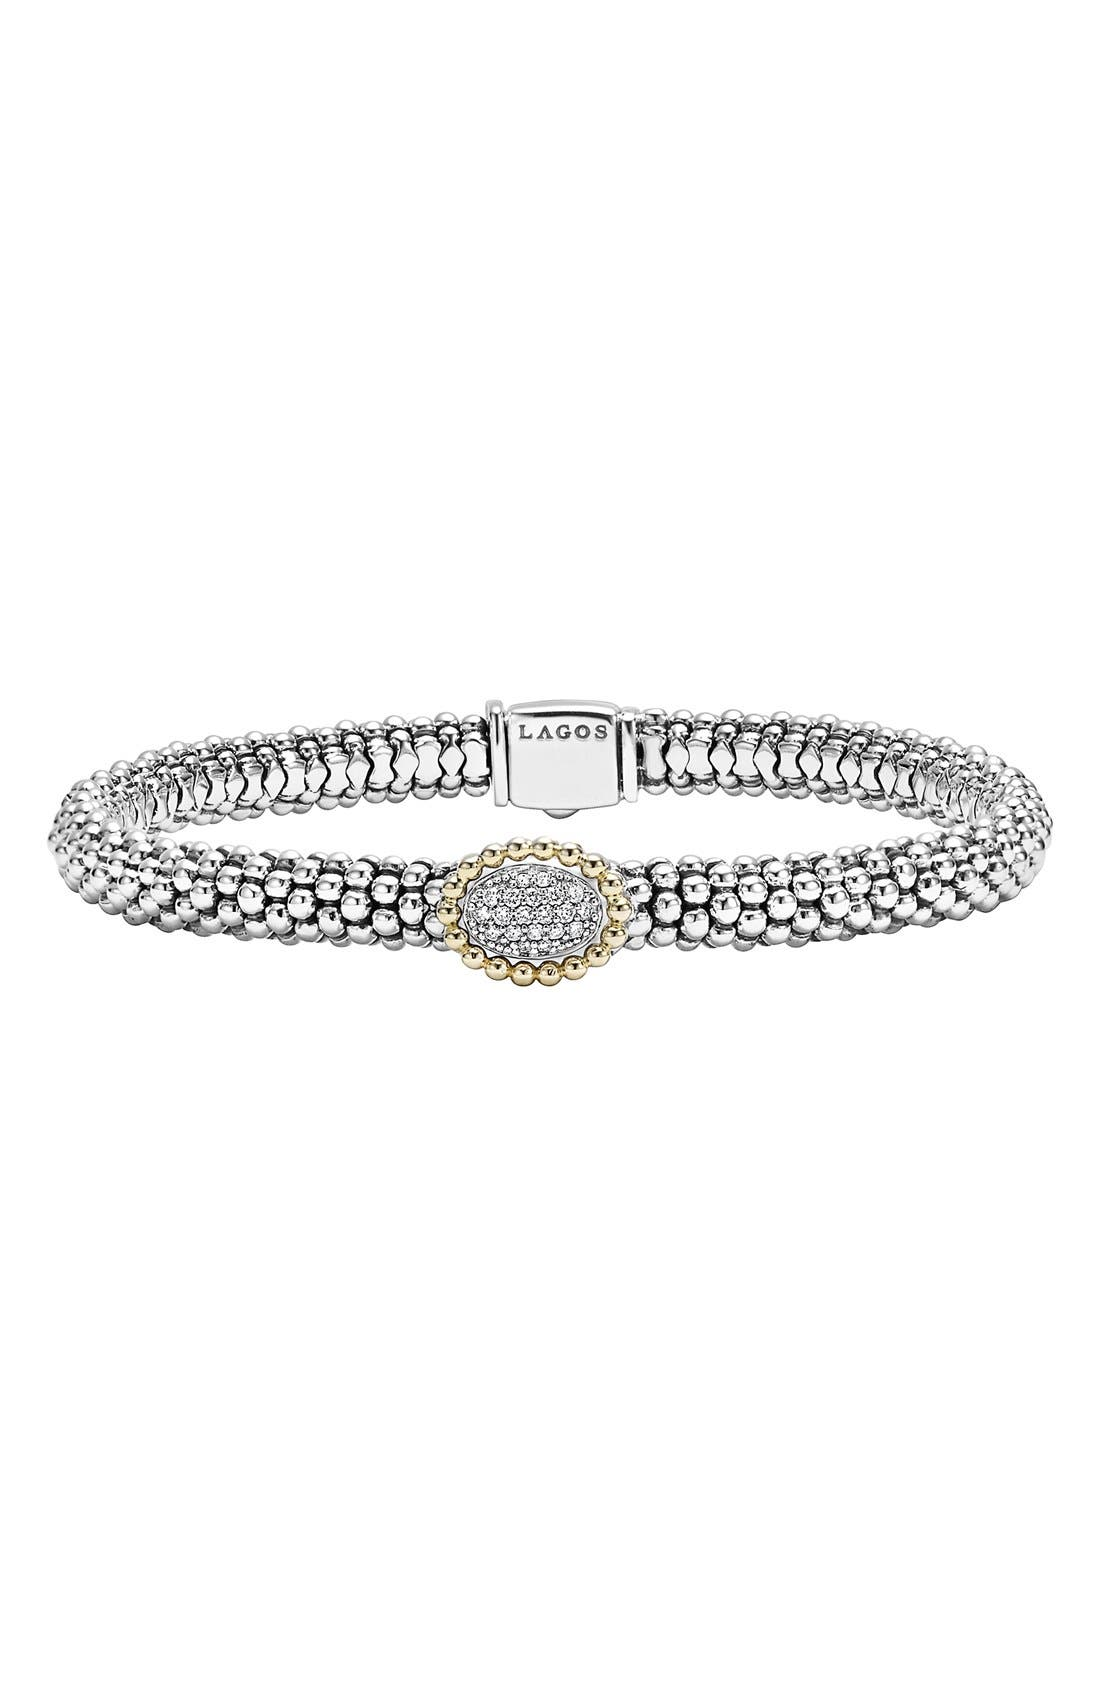 Diamond Caviar Oval Bracelet,                         Main,                         color, Silver/ Gold